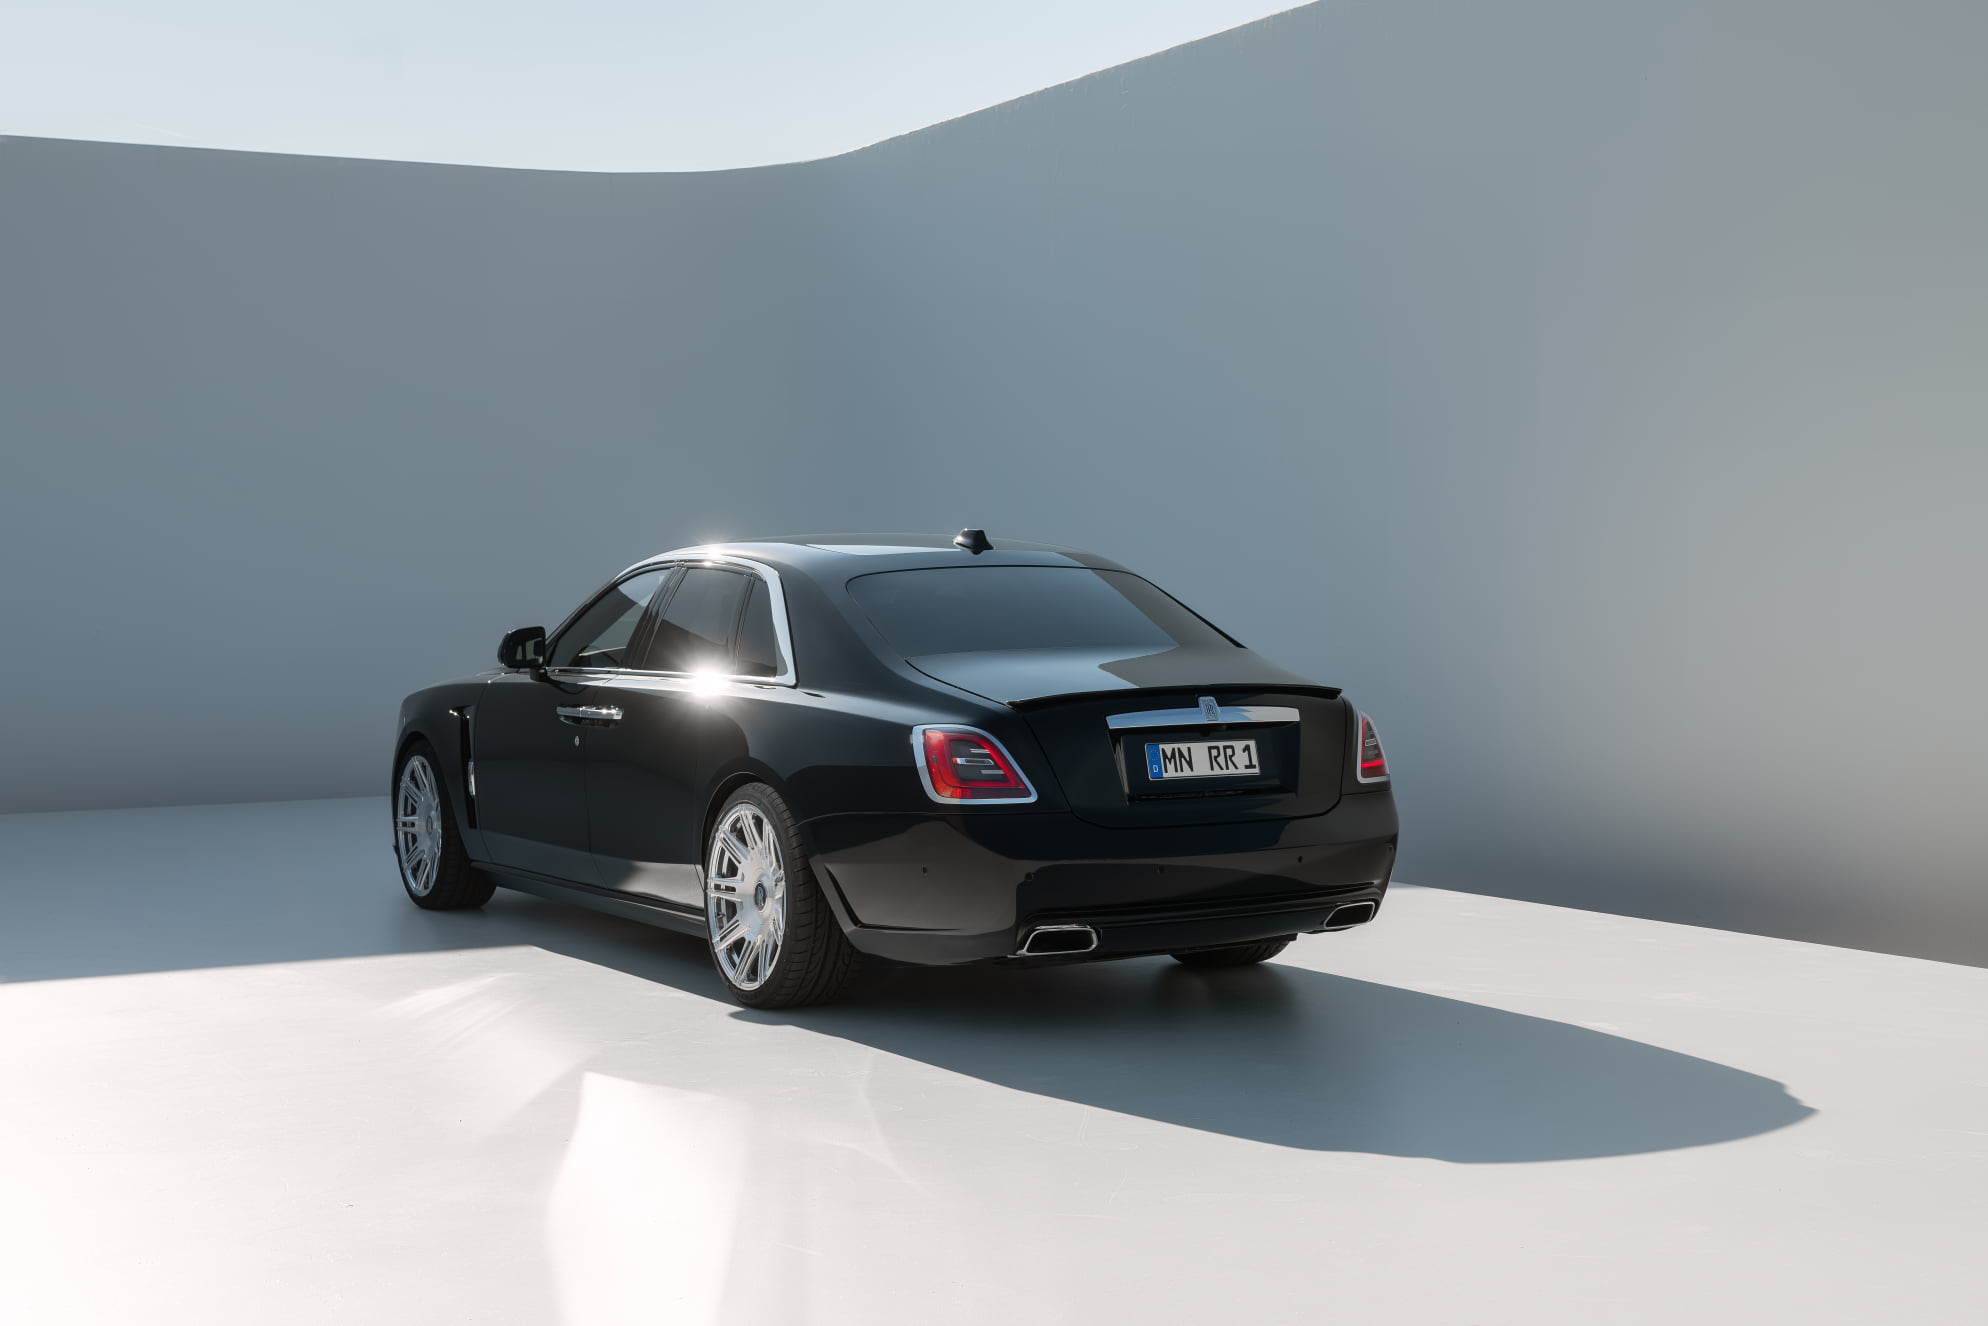 Rolls-Royce-Ghost-by-Spofec-14